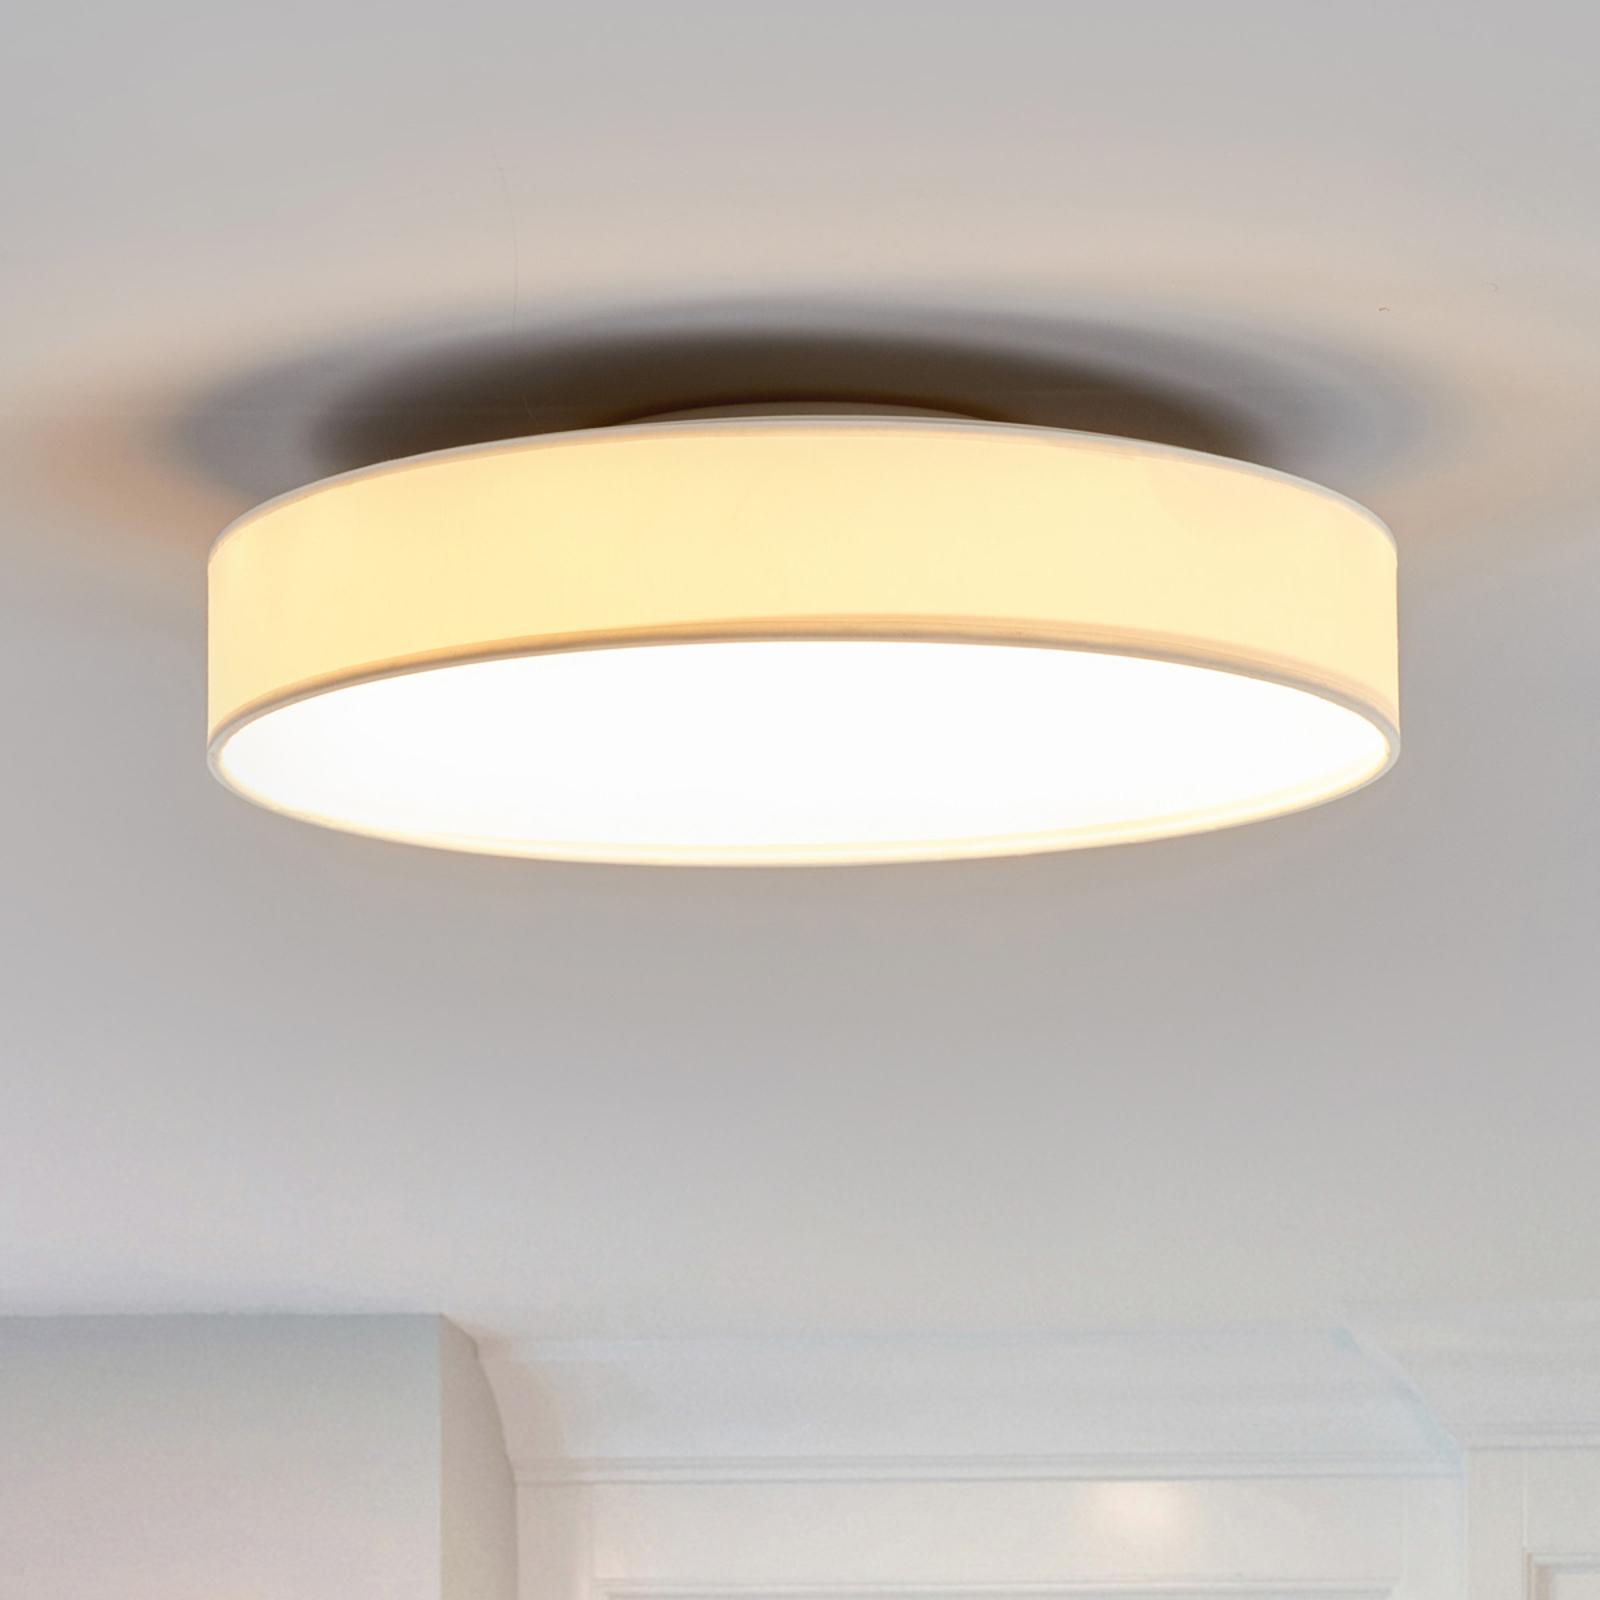 LED-Stoffdeckenlampe Saira, 40 cm, weiß